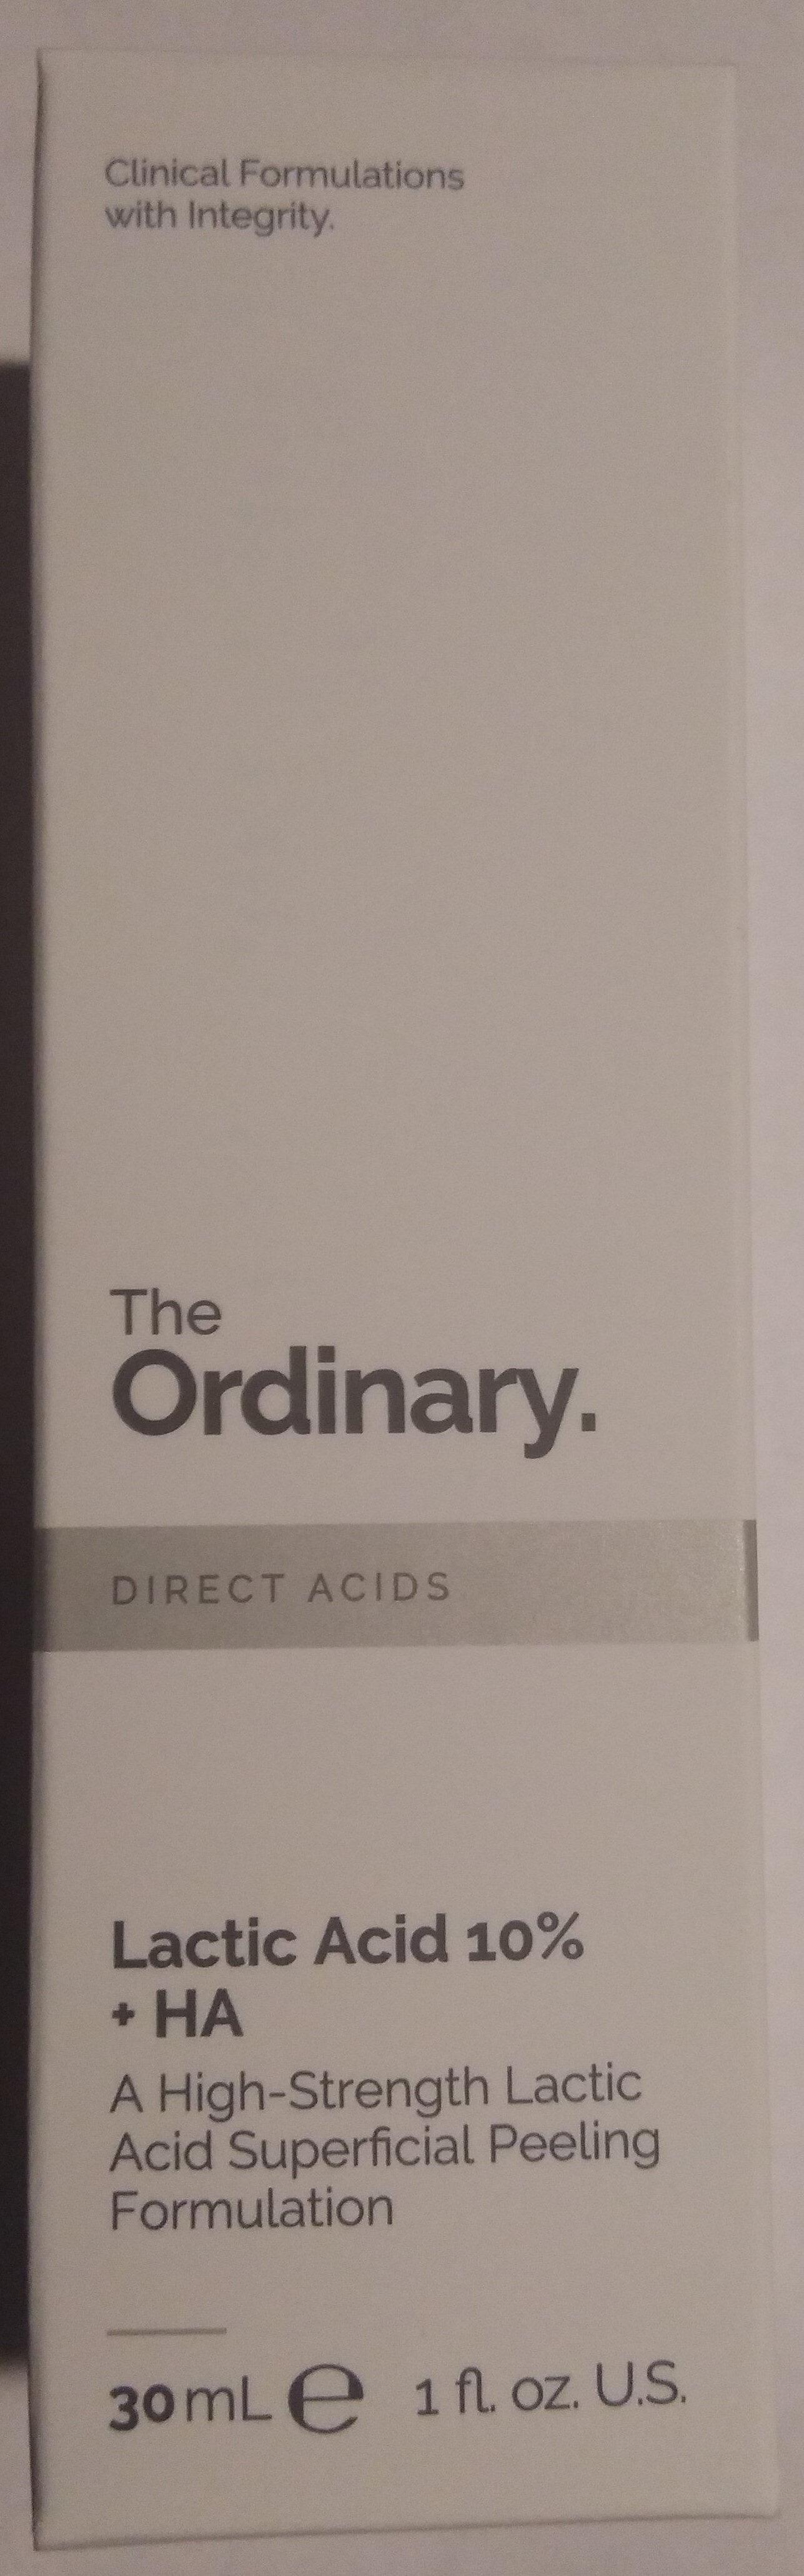 Lactic Acid 10% + HA - Product - en